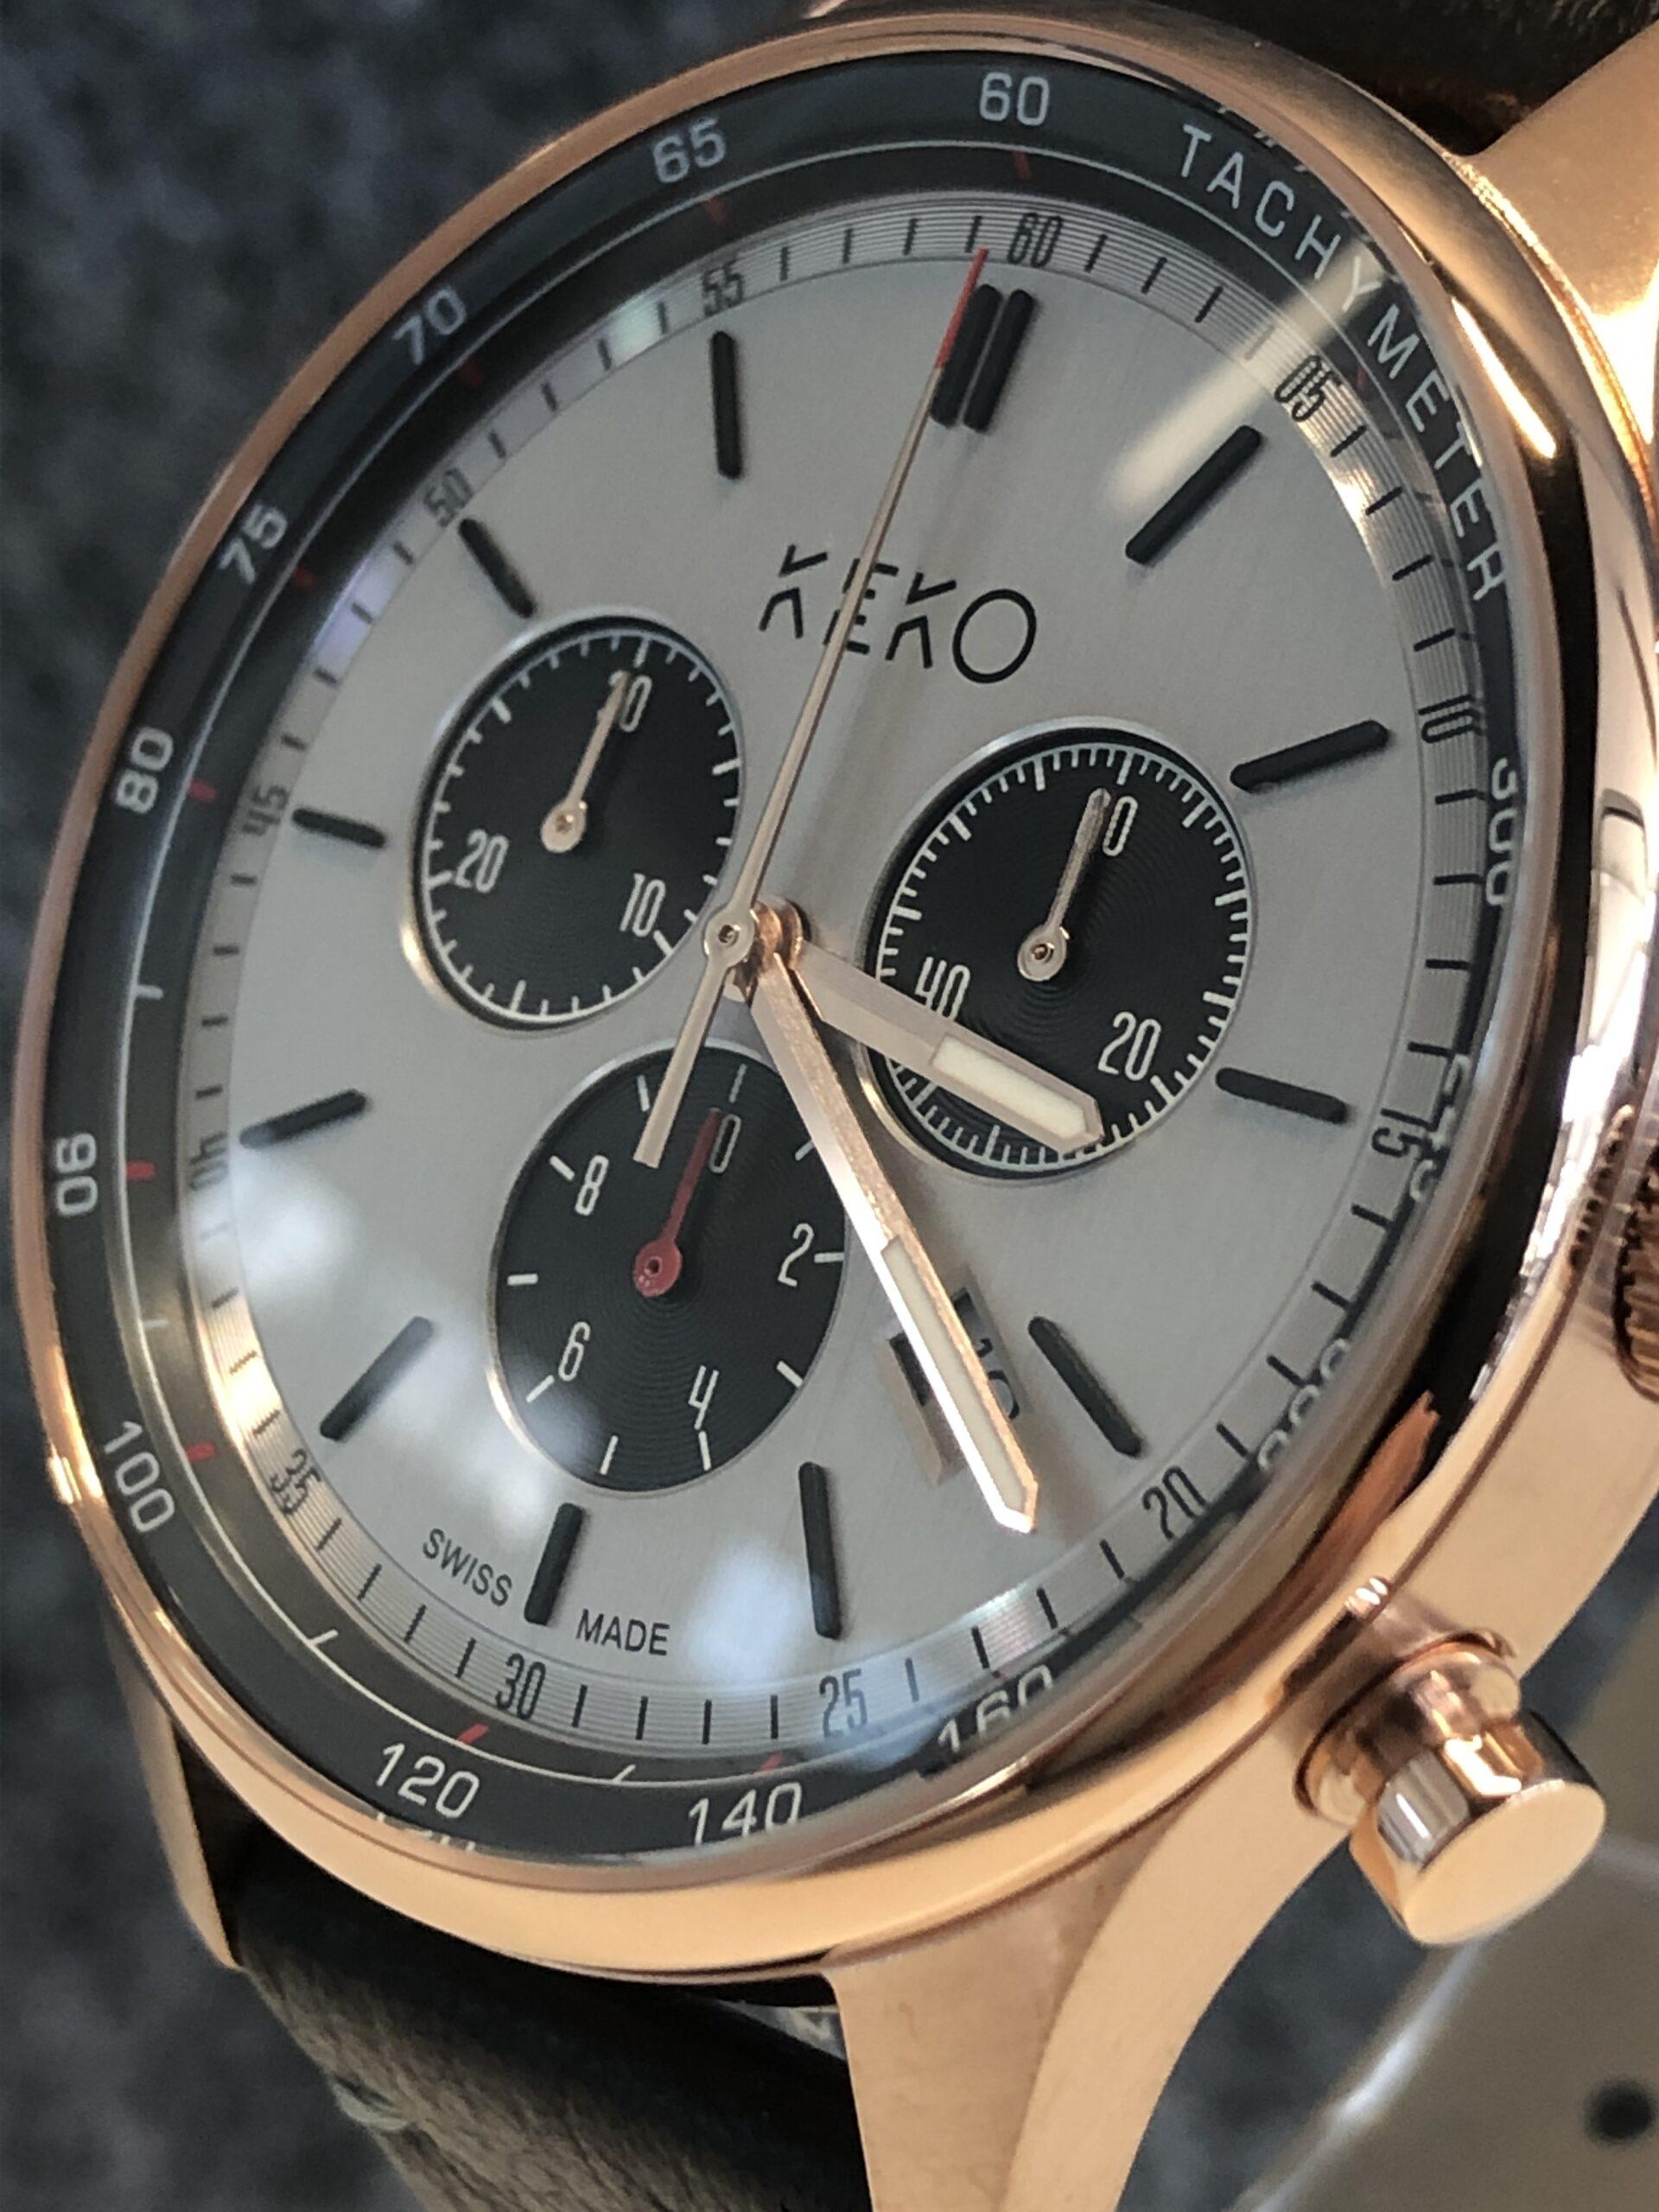 keko-chronograph-the-reliable-rosegold-seitenansicht-mit-krone-zoom